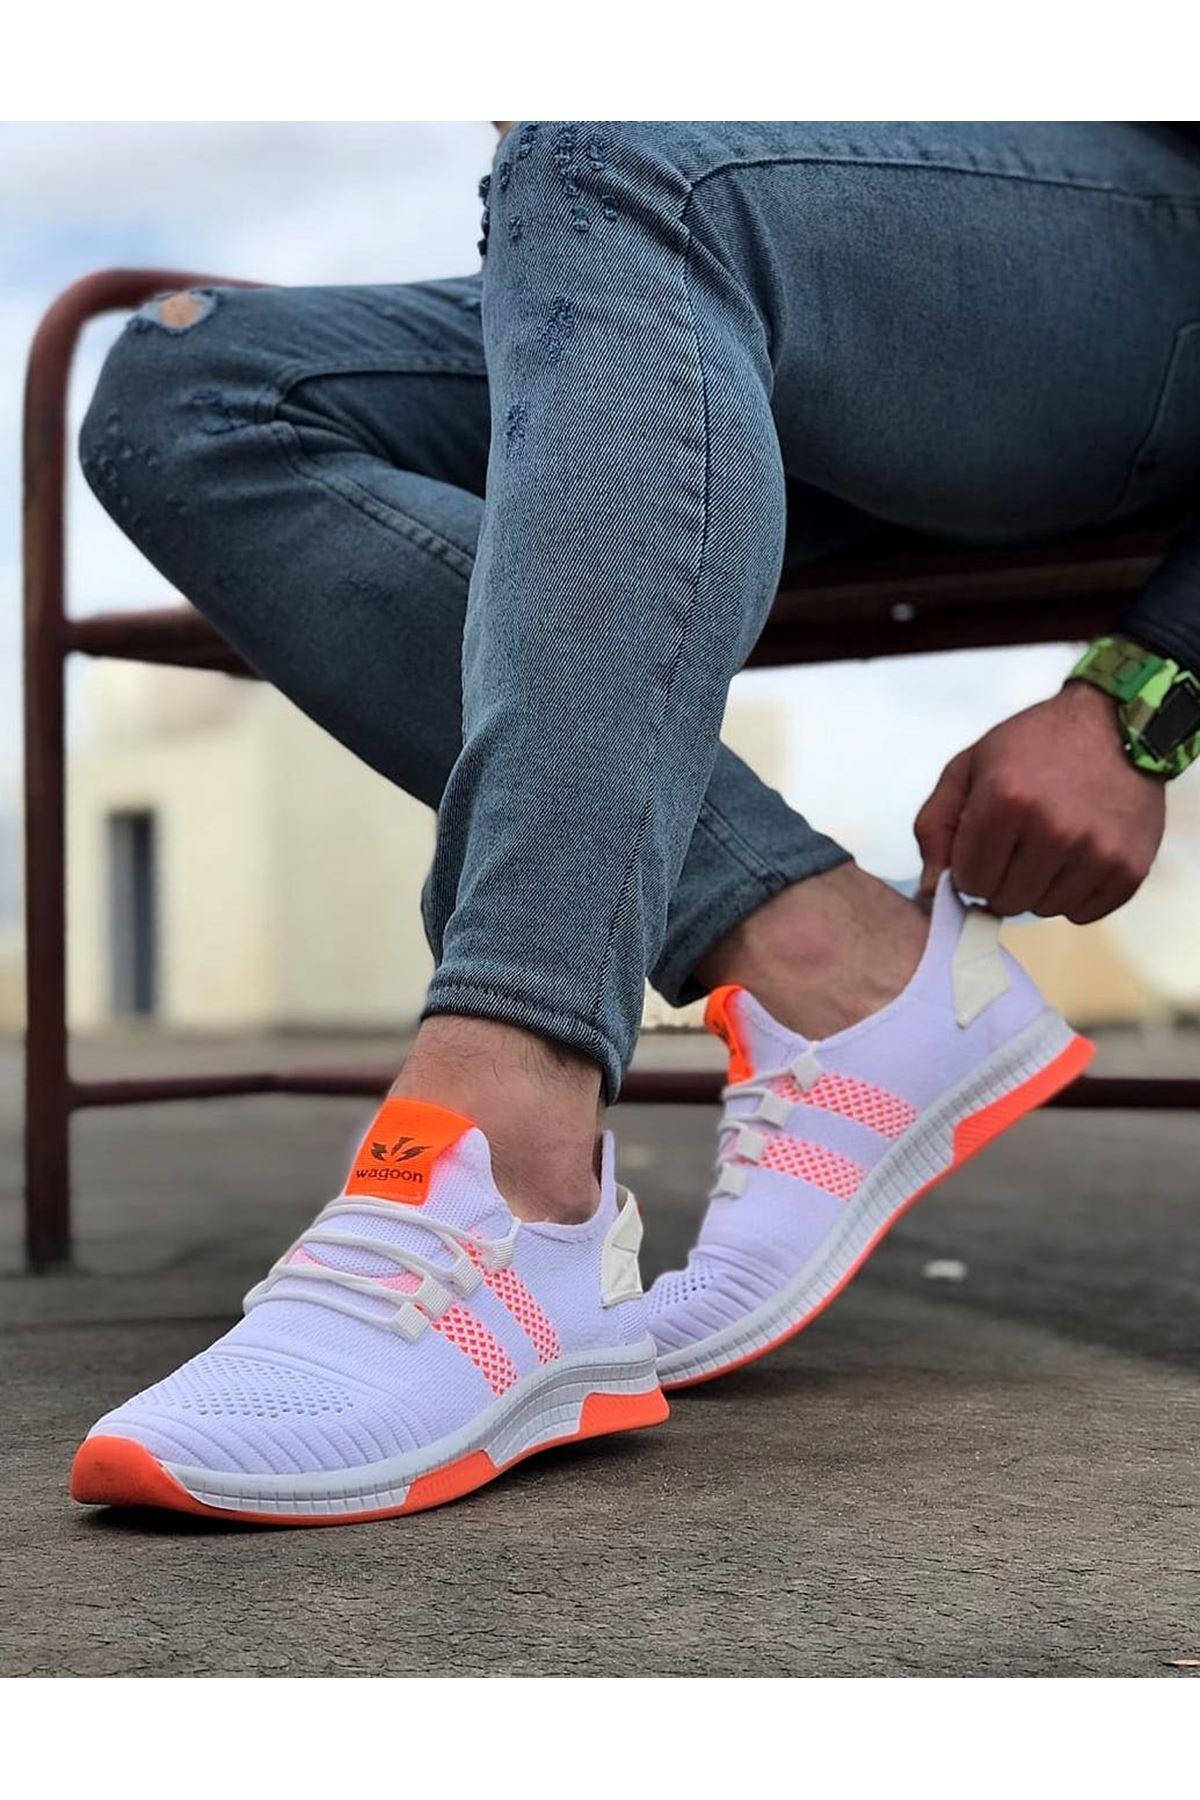 Wagoon WG101 Beyaz Turuncu Erkek Spor Ayakkabı